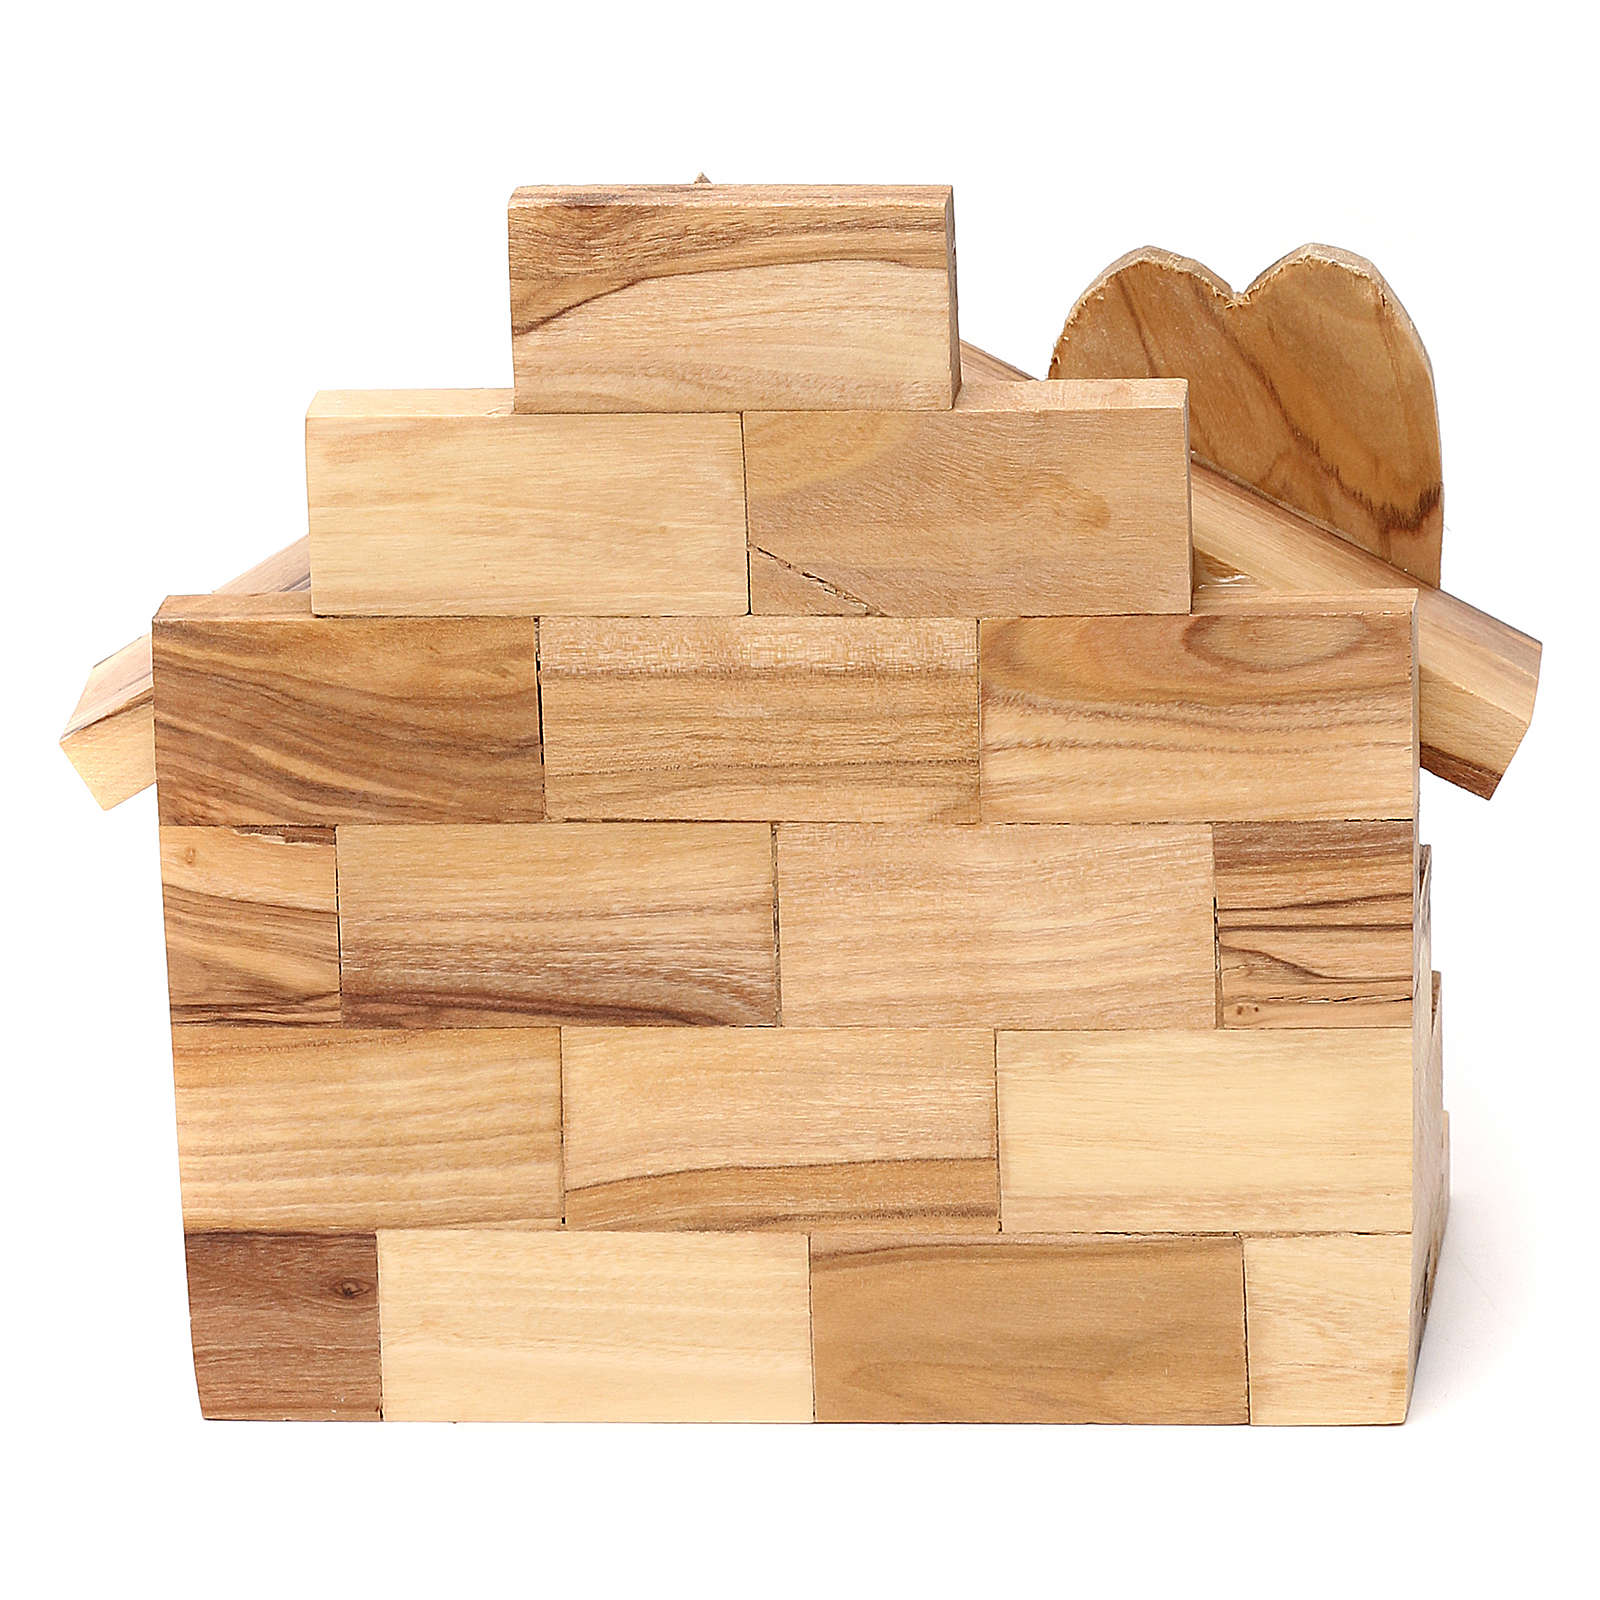 Capanna in legno ulivo di Betlemme con Natività 10x15x10 cm 4